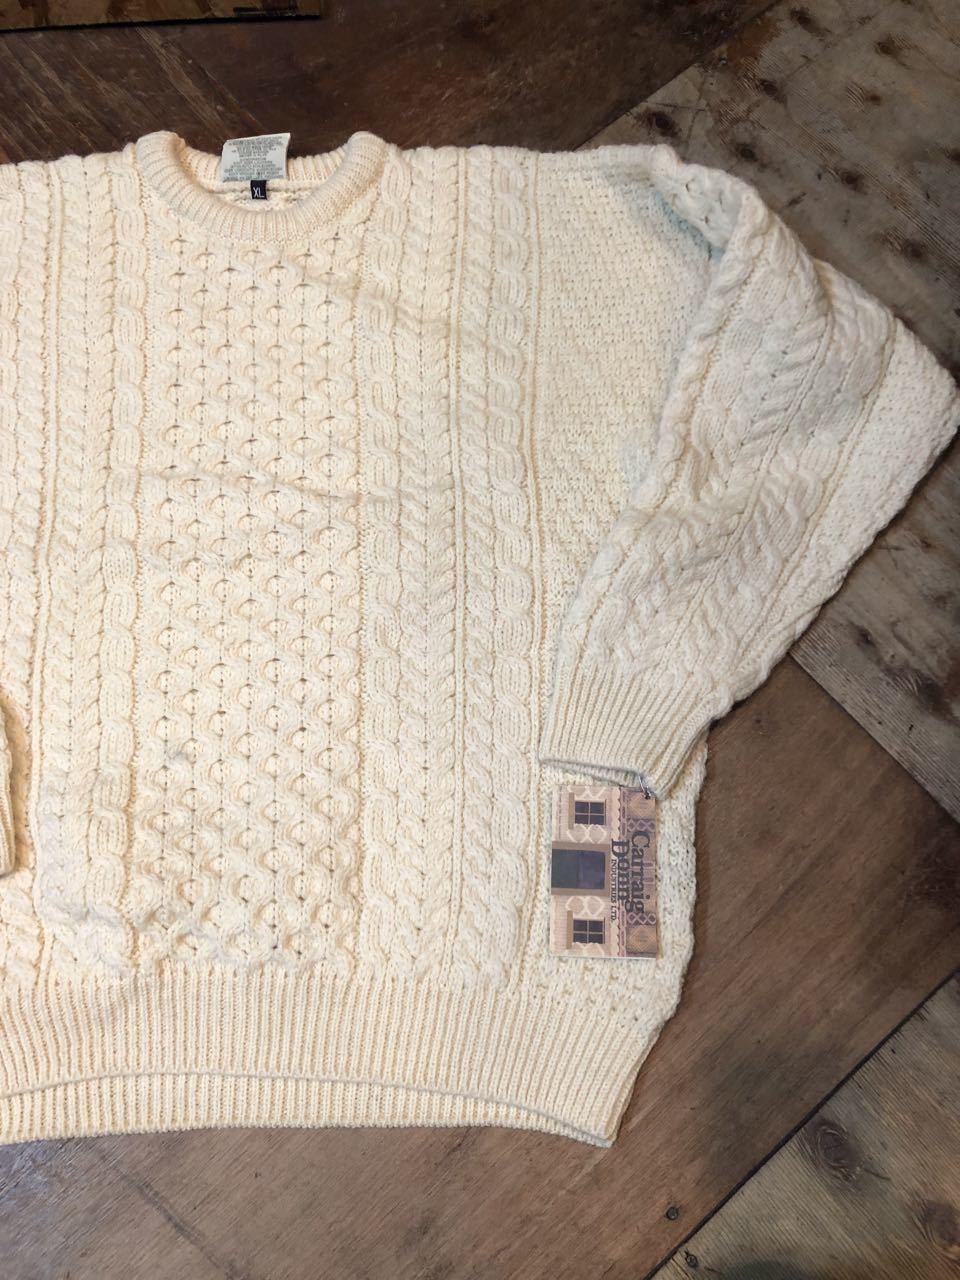 12月7日(土)入荷!デッドストック MADE IN IRELAND ARAN セーター(フィッシャーマンズセーター)など色々入荷!_c0144020_13543887.jpg